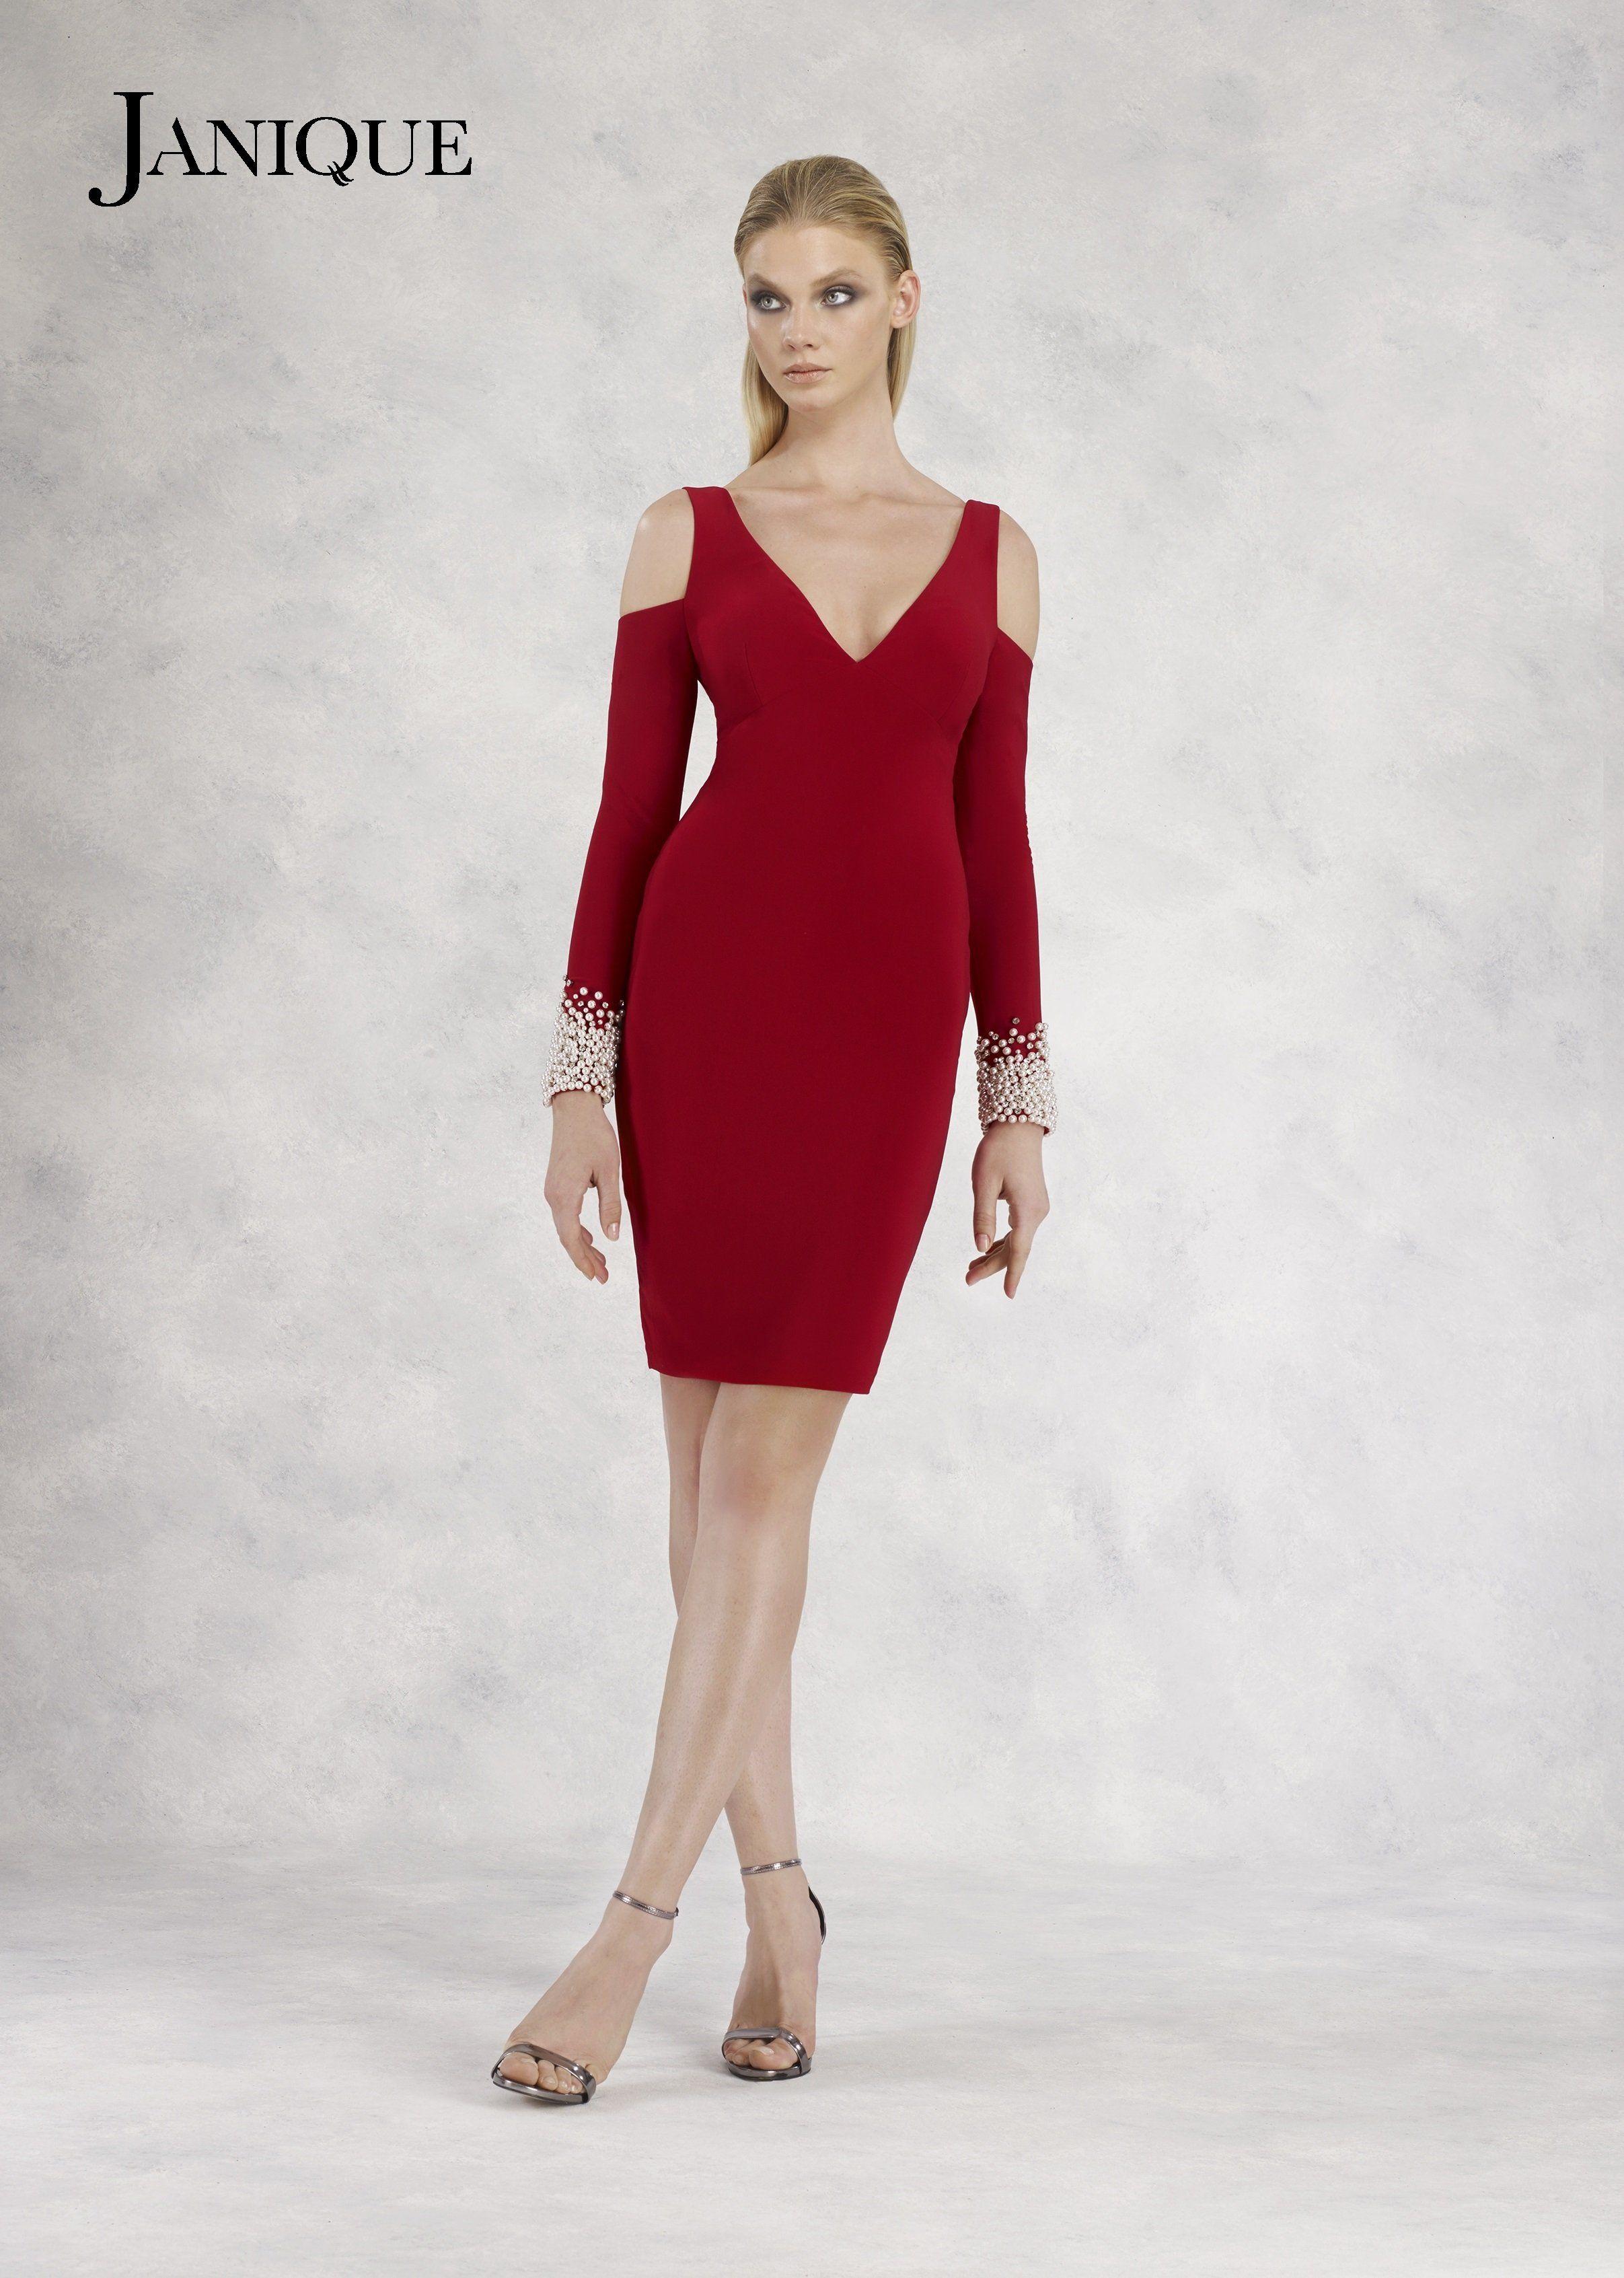 d9138656c96 Janique Liliana Cold Shoulder Cocktail Dress